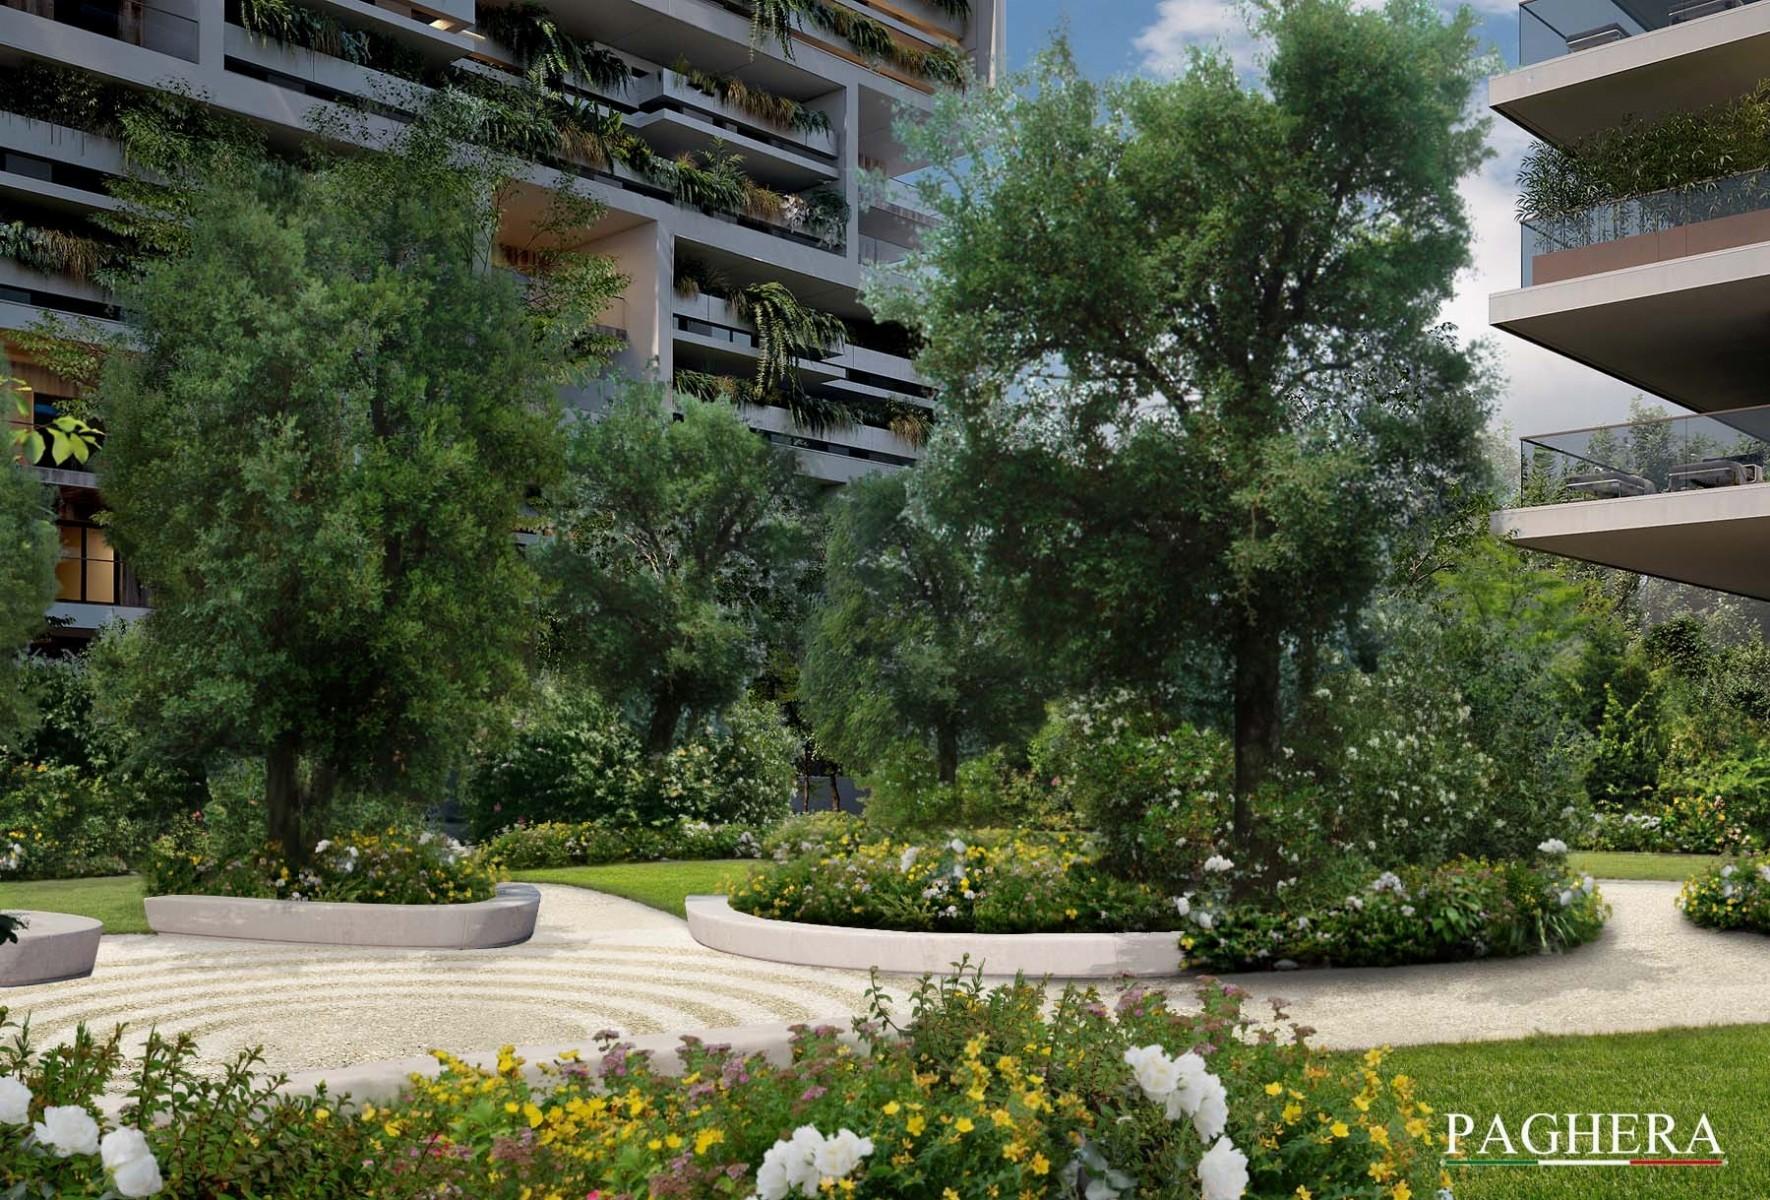 Giardini pensili landscape design paghera for Design giardini